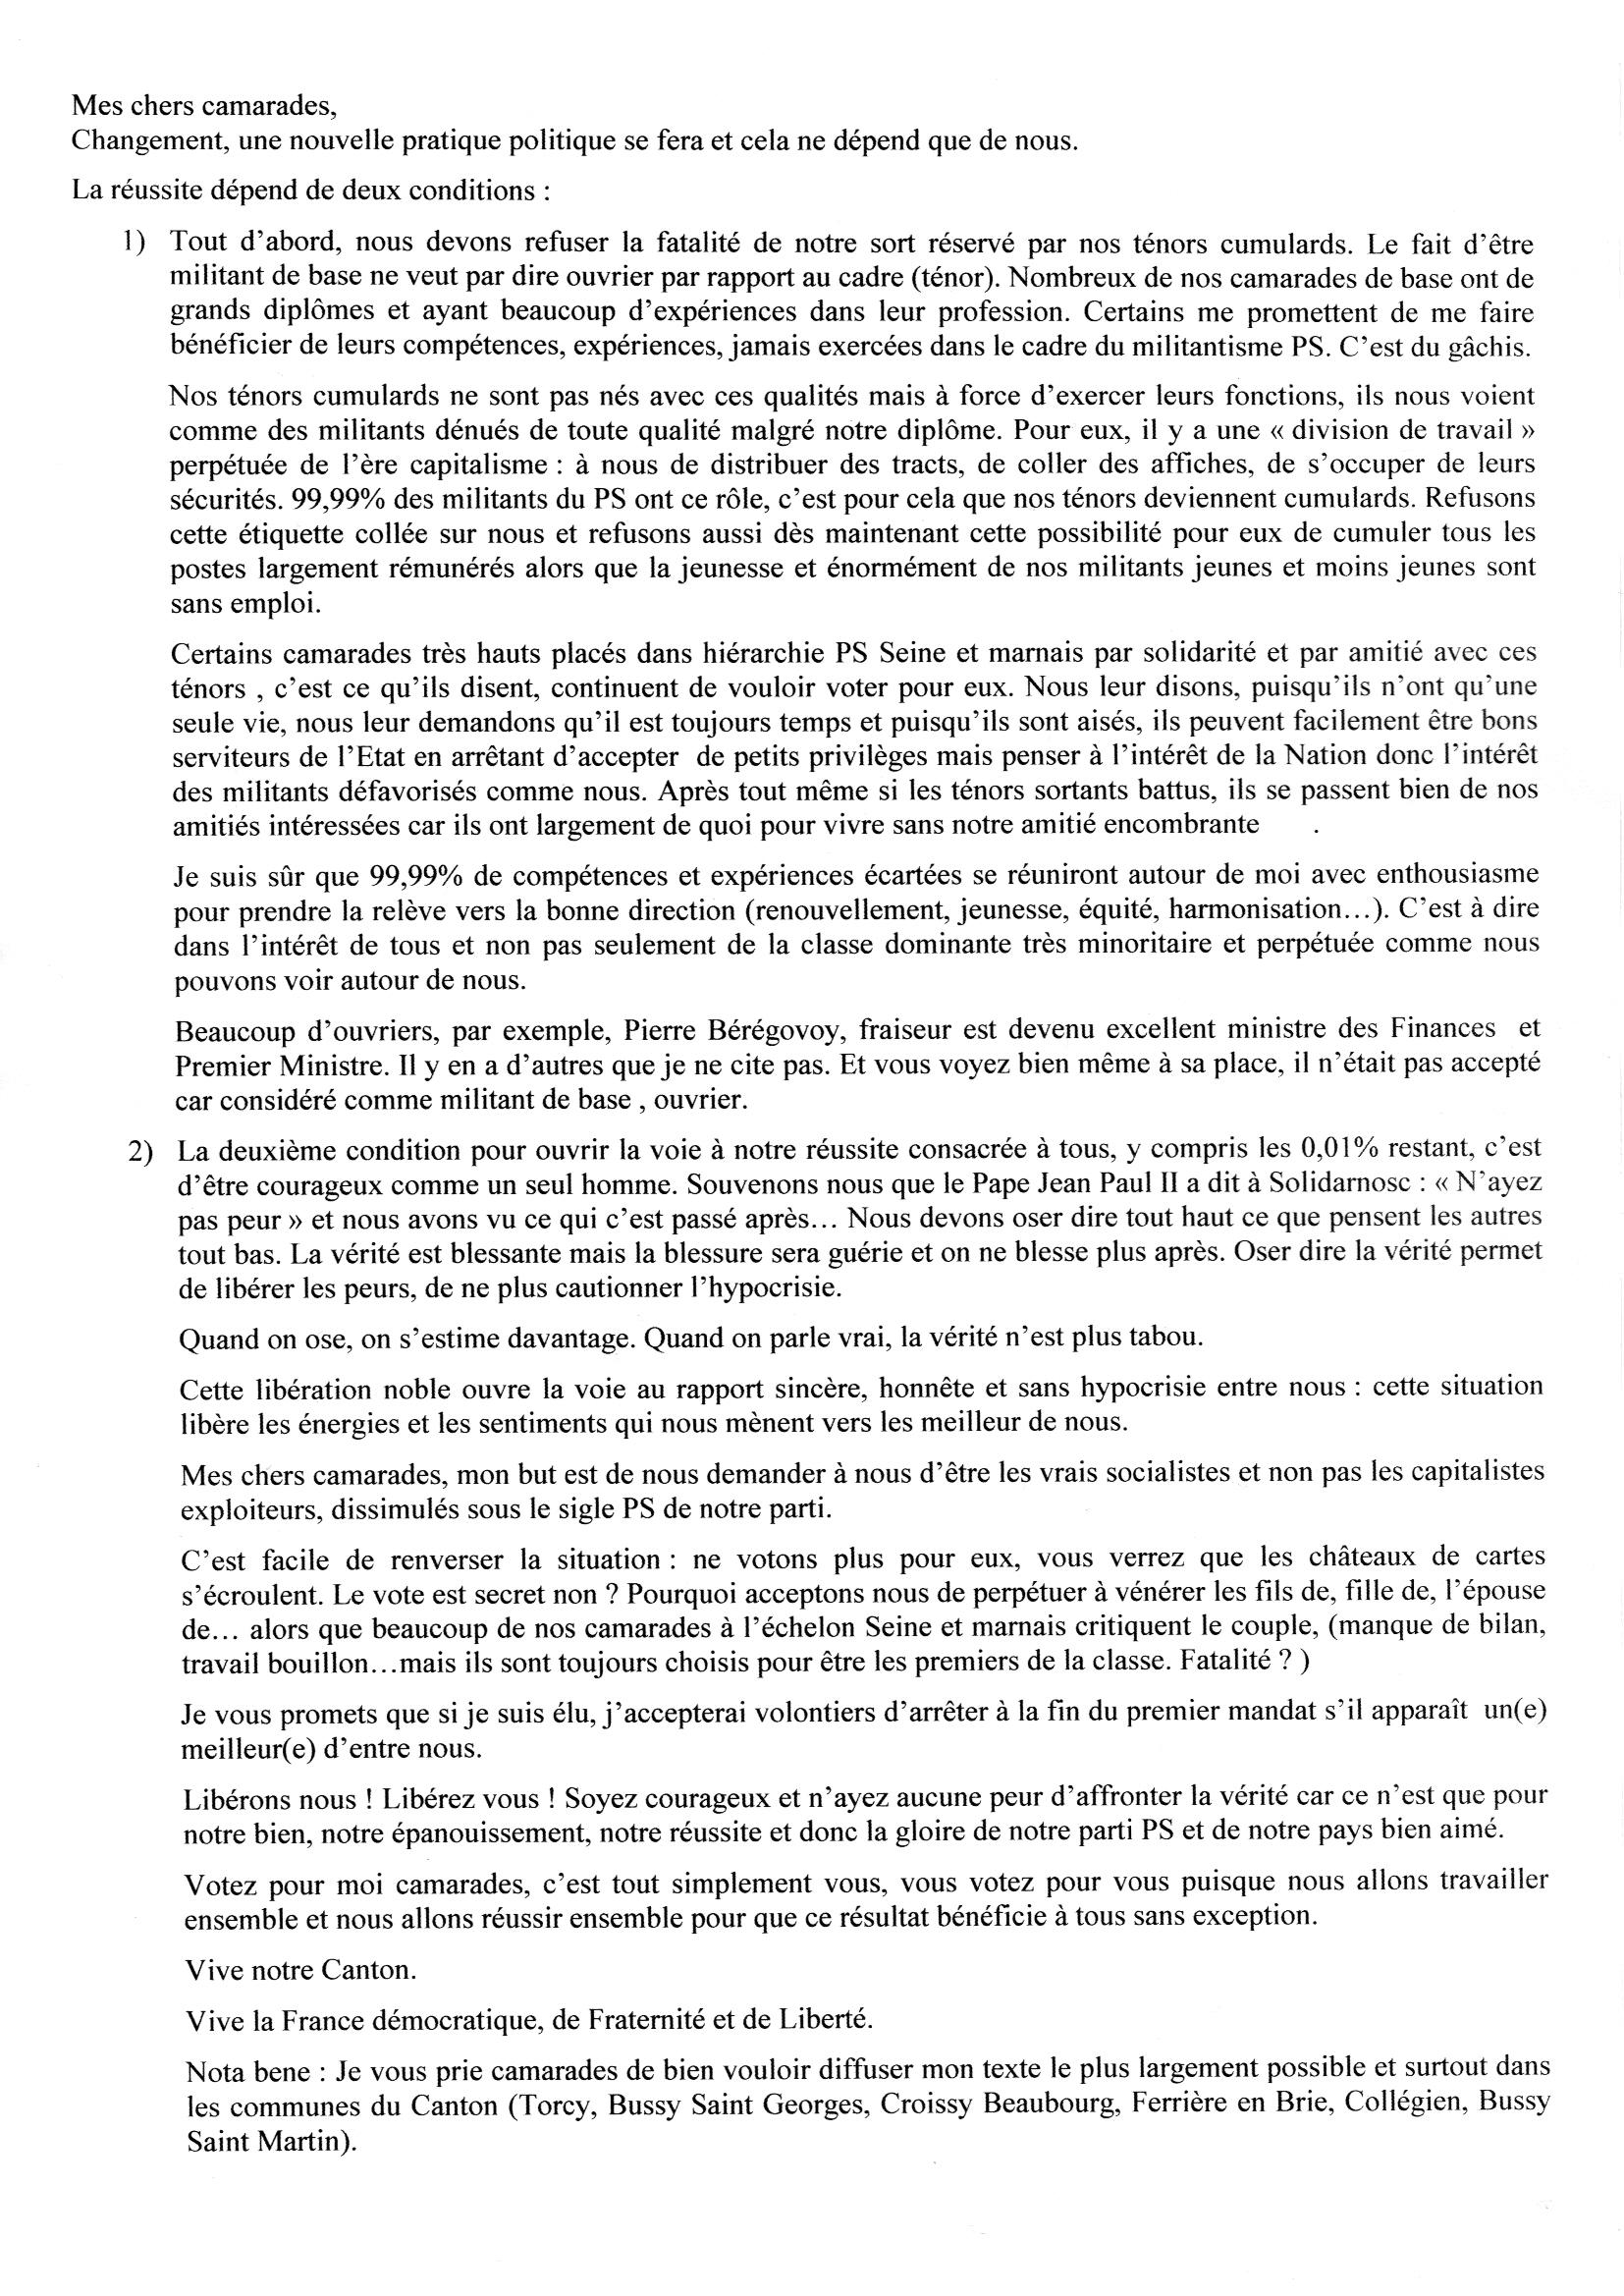 prise-de-parole-ag-canton-de-torcy.JPG